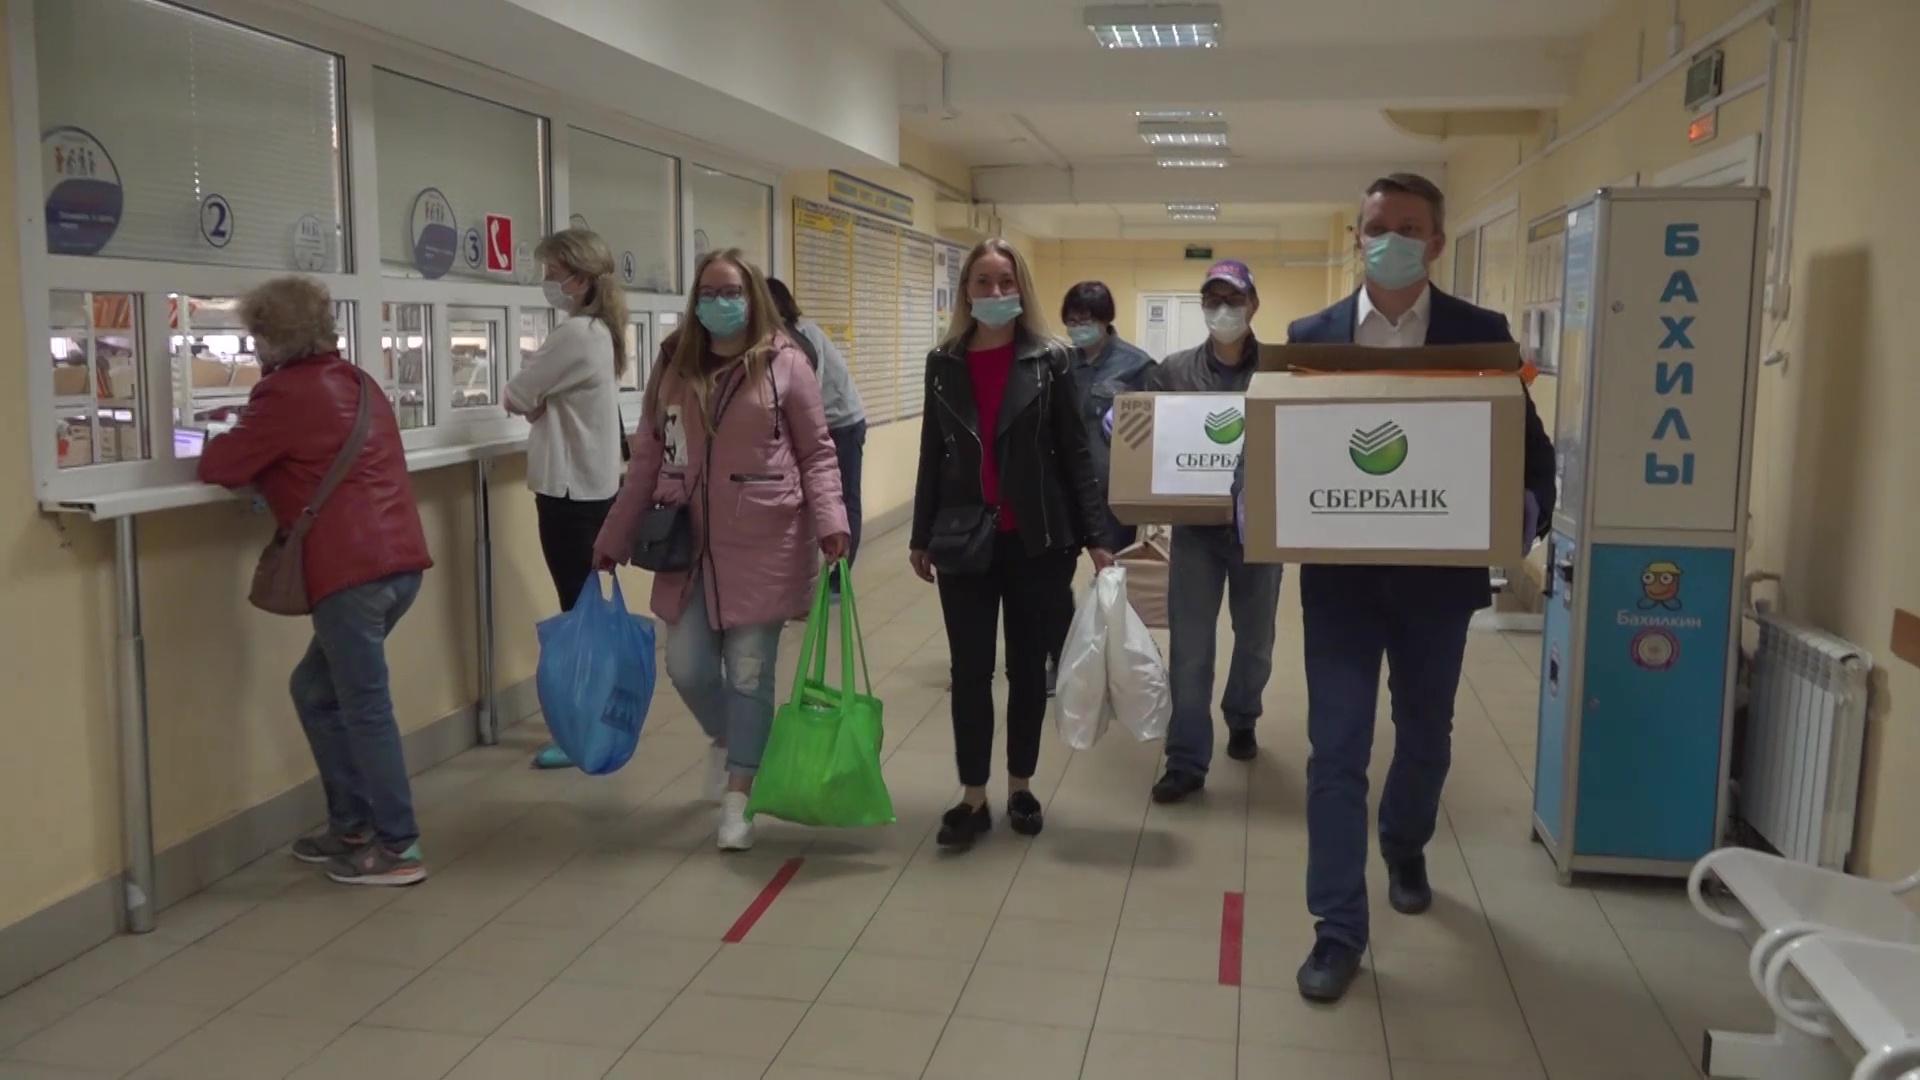 Сотрудники одного из крупнейших банков закупили респираторы и защитные костюмы для врачей